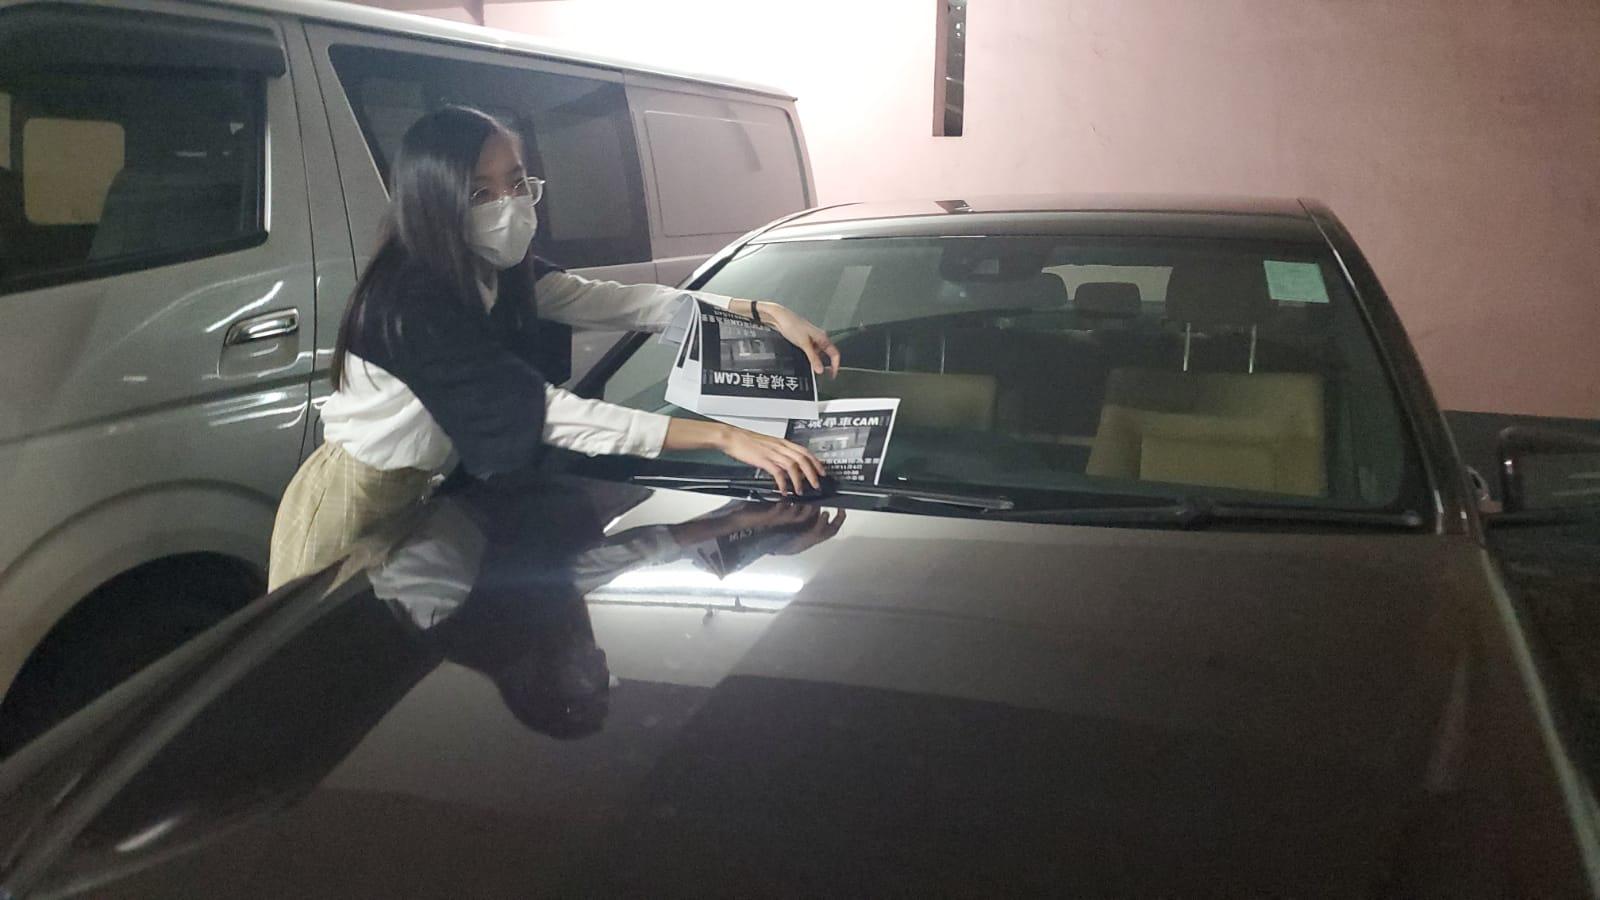 有人呼籲車主提供事發當晚行車紀錄儀片段。